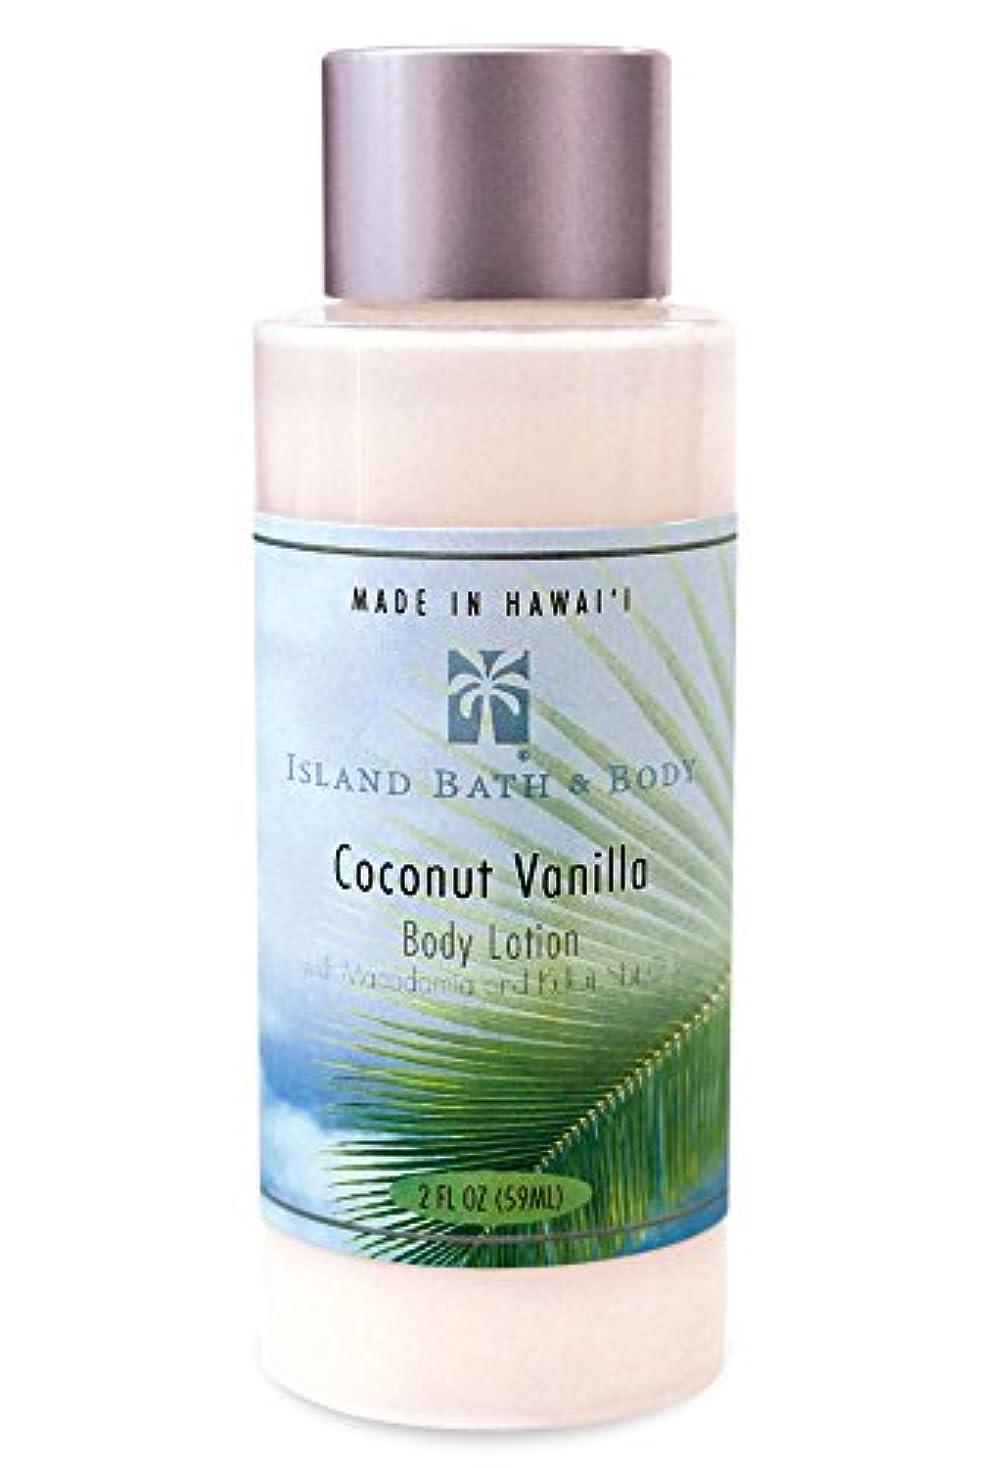 める主弱まるIsland Bath&Body(アイランド バス&ボディ) ボディーローション 2oz/Coconut Vanilla